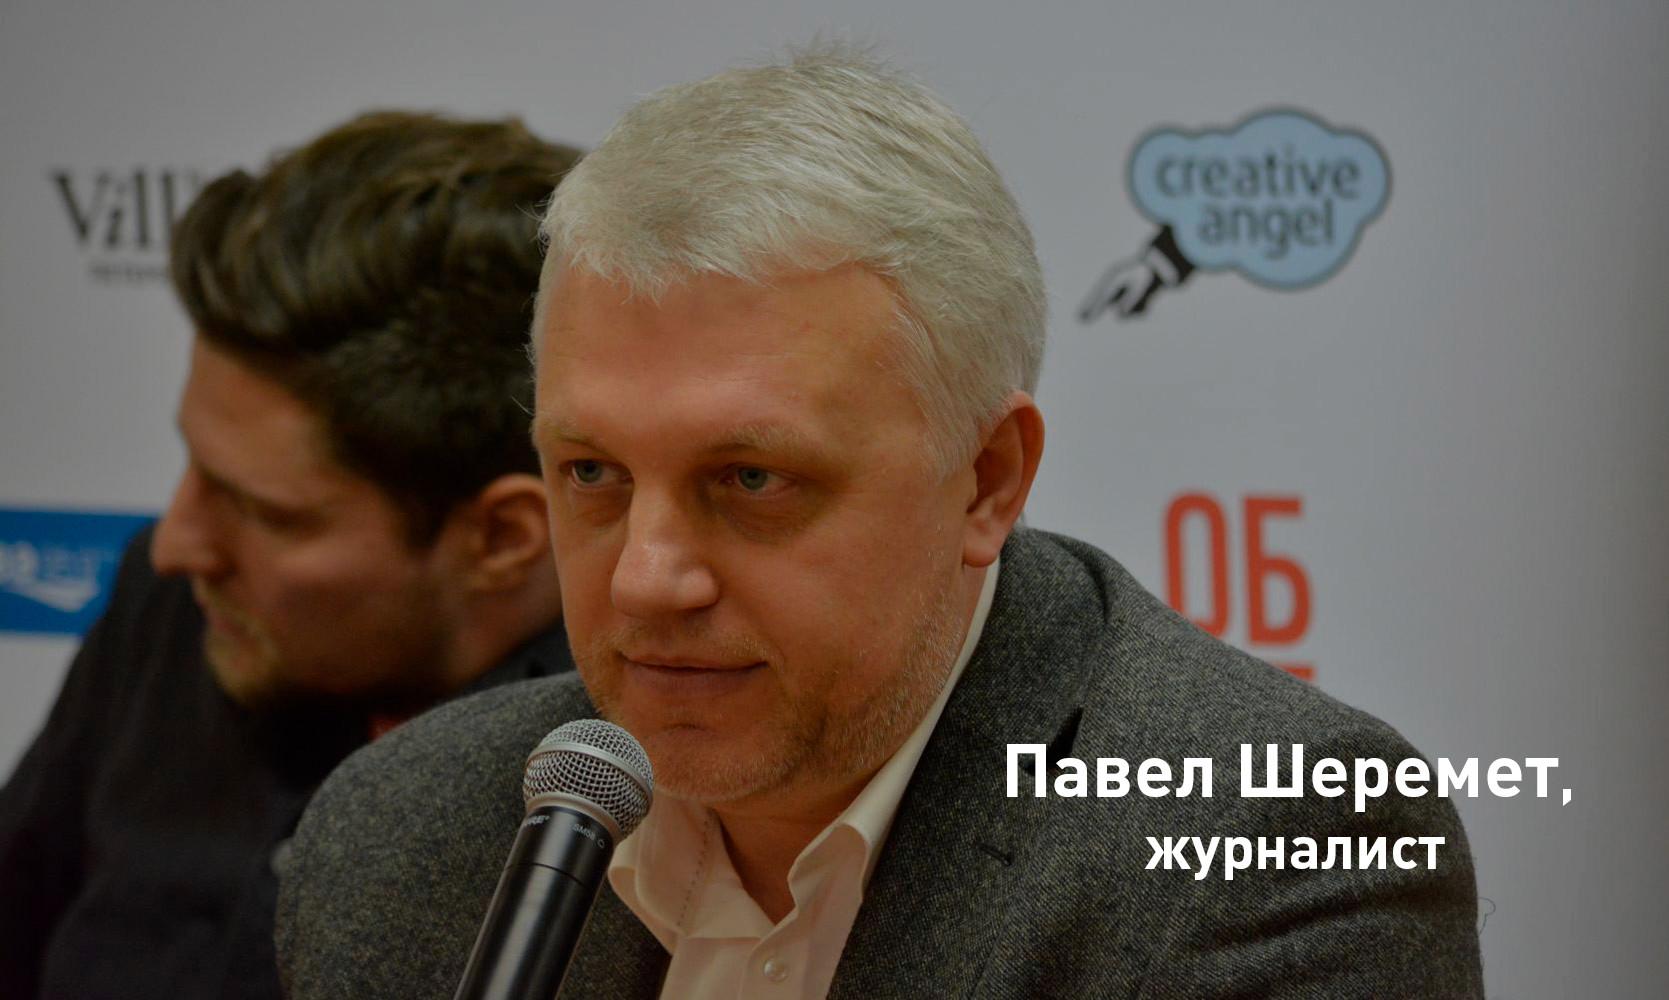 Павел Шеремет погиб 20 июля 2016 года. Взрывное устройство, заложенное под днищем автомобиля, сработало в центре Киева, когда Шеремет ехал на работу